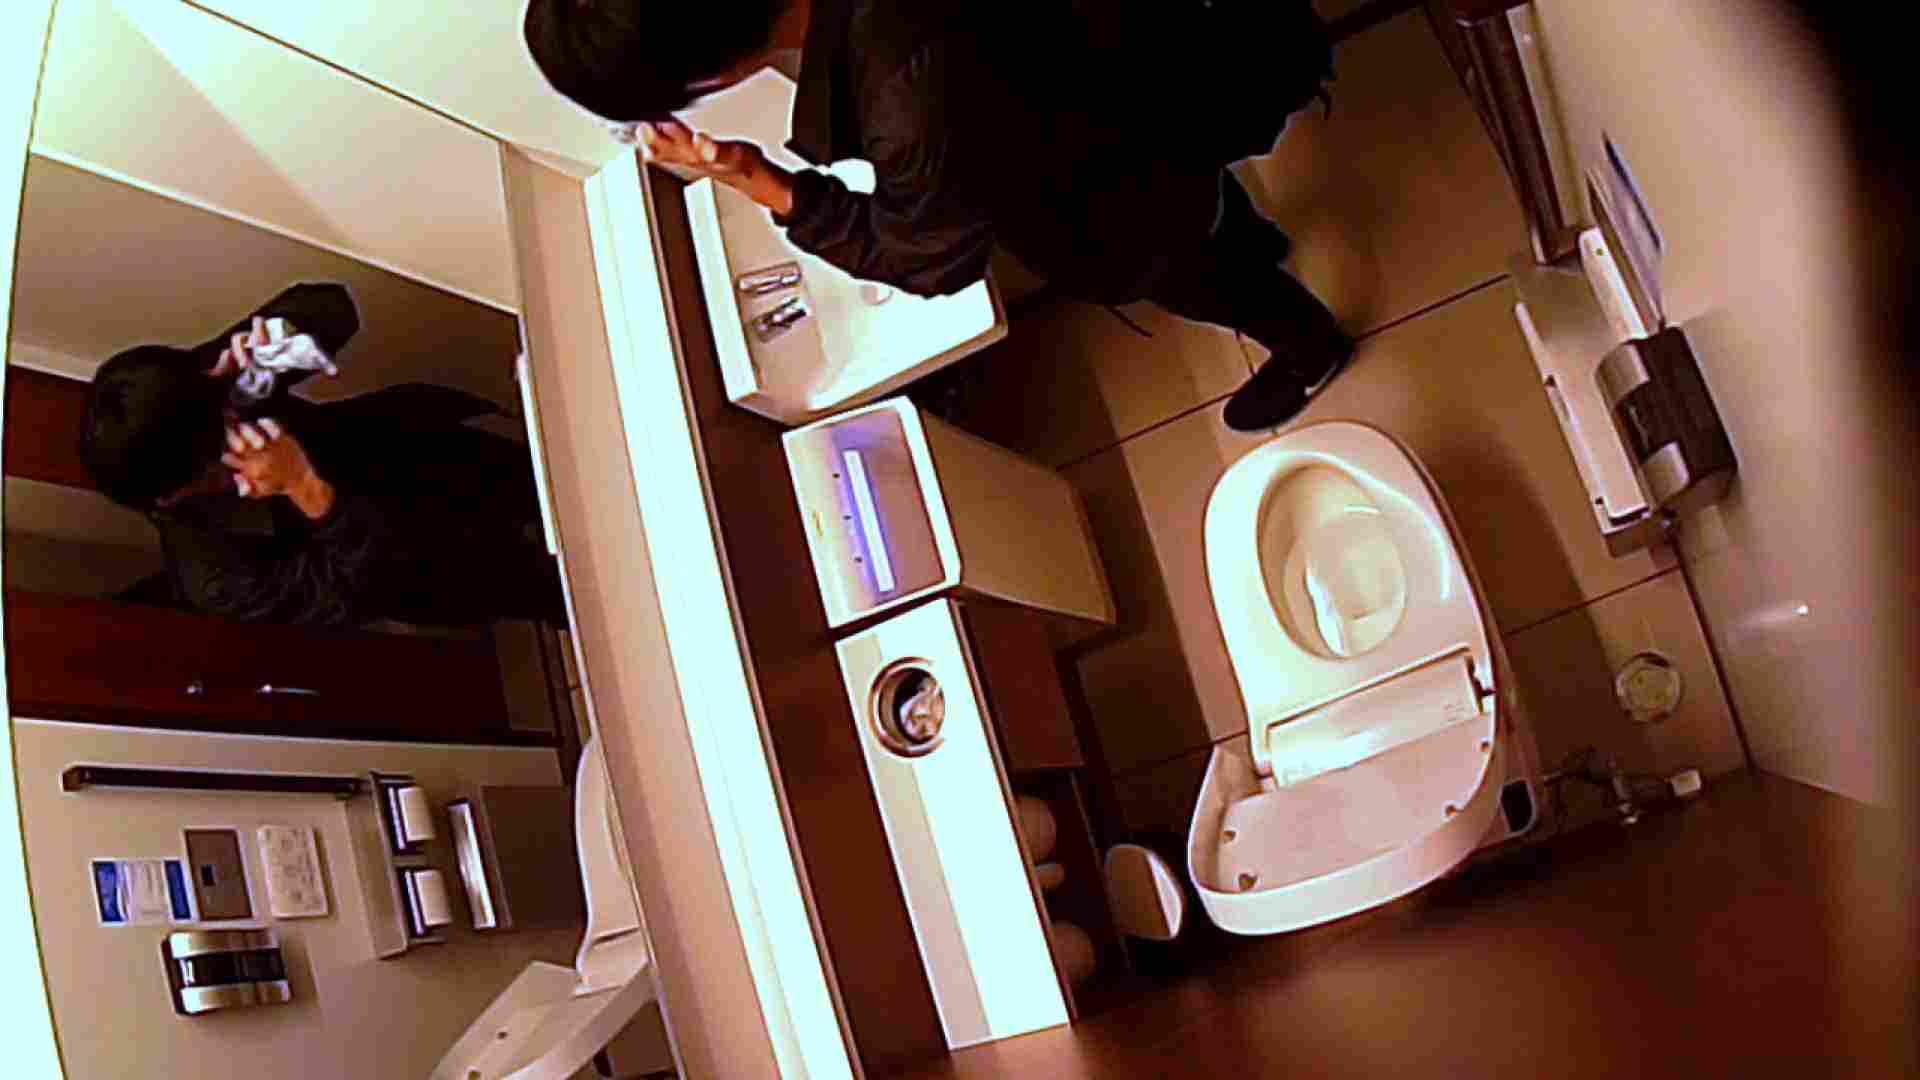 すみませんが覗かせてください Vol.32 トイレ   0  66枚 51